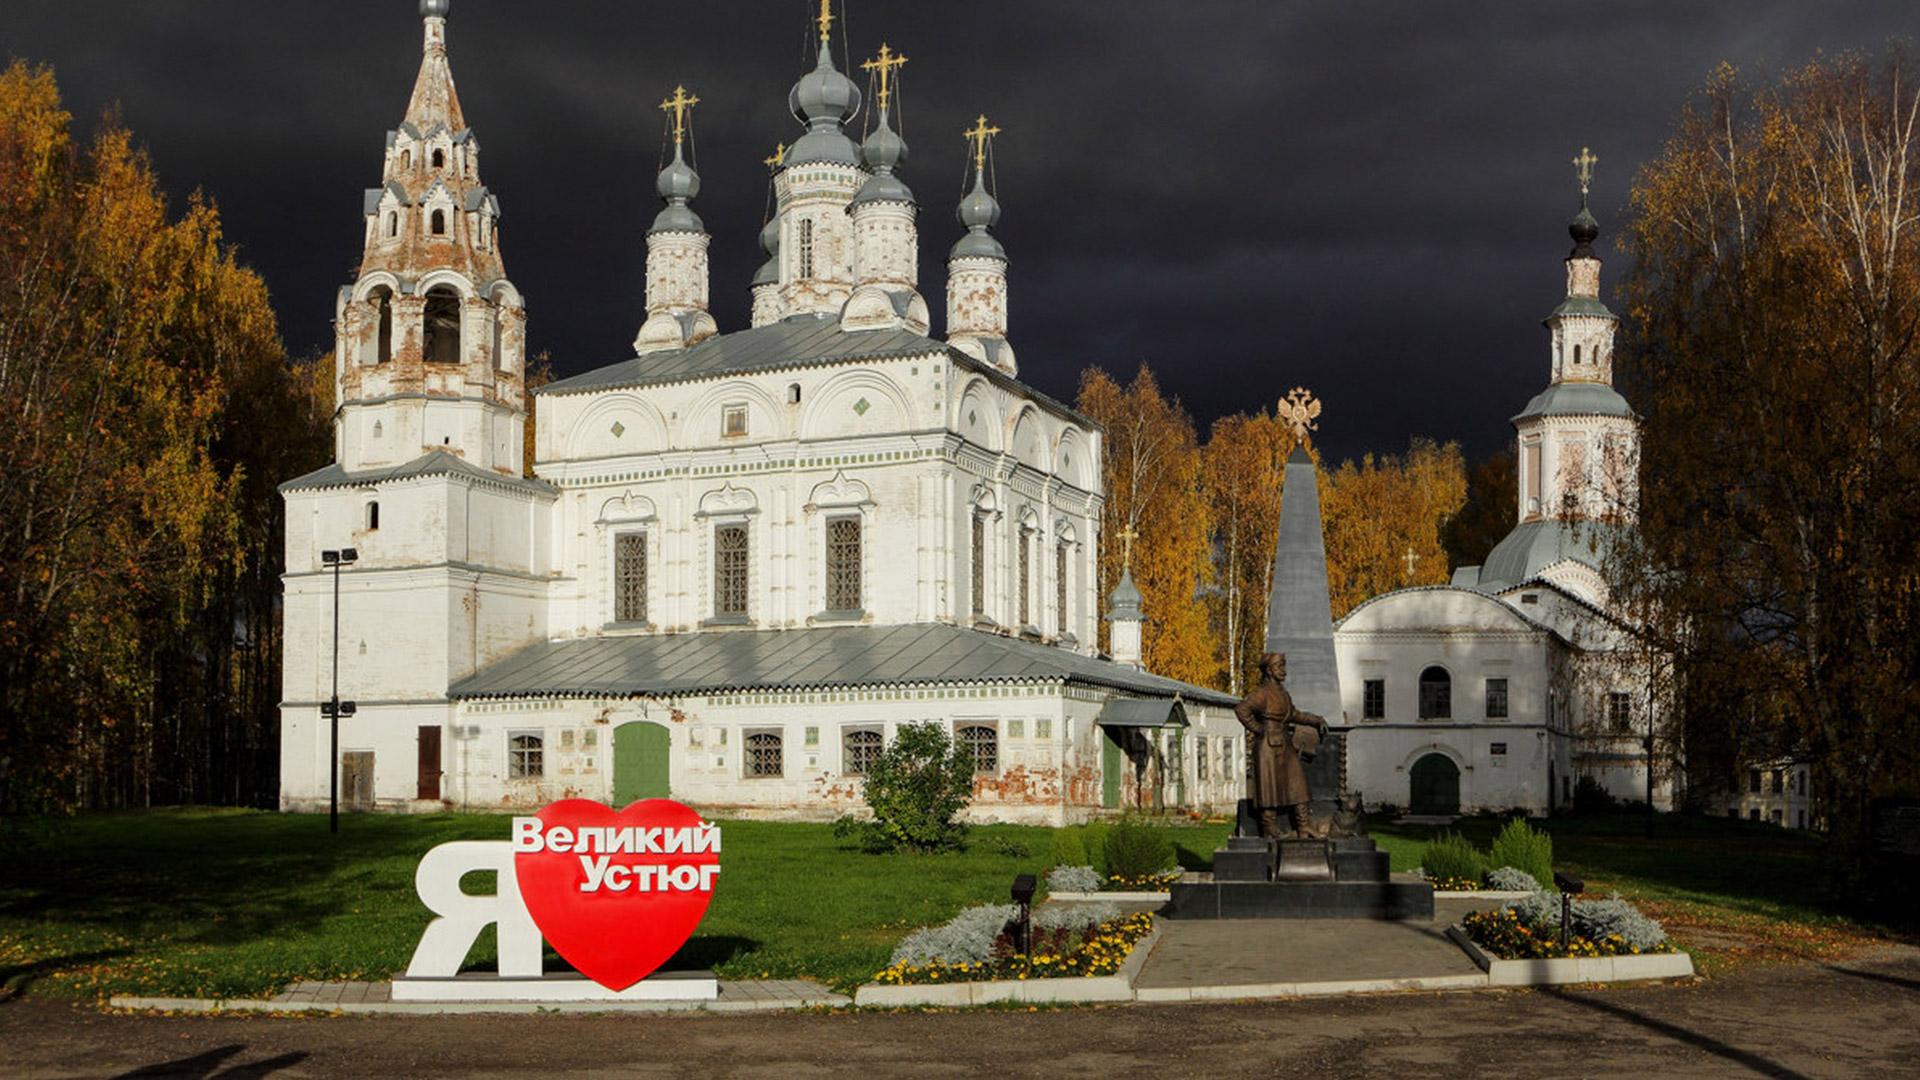 Расположение города Великий Устюг